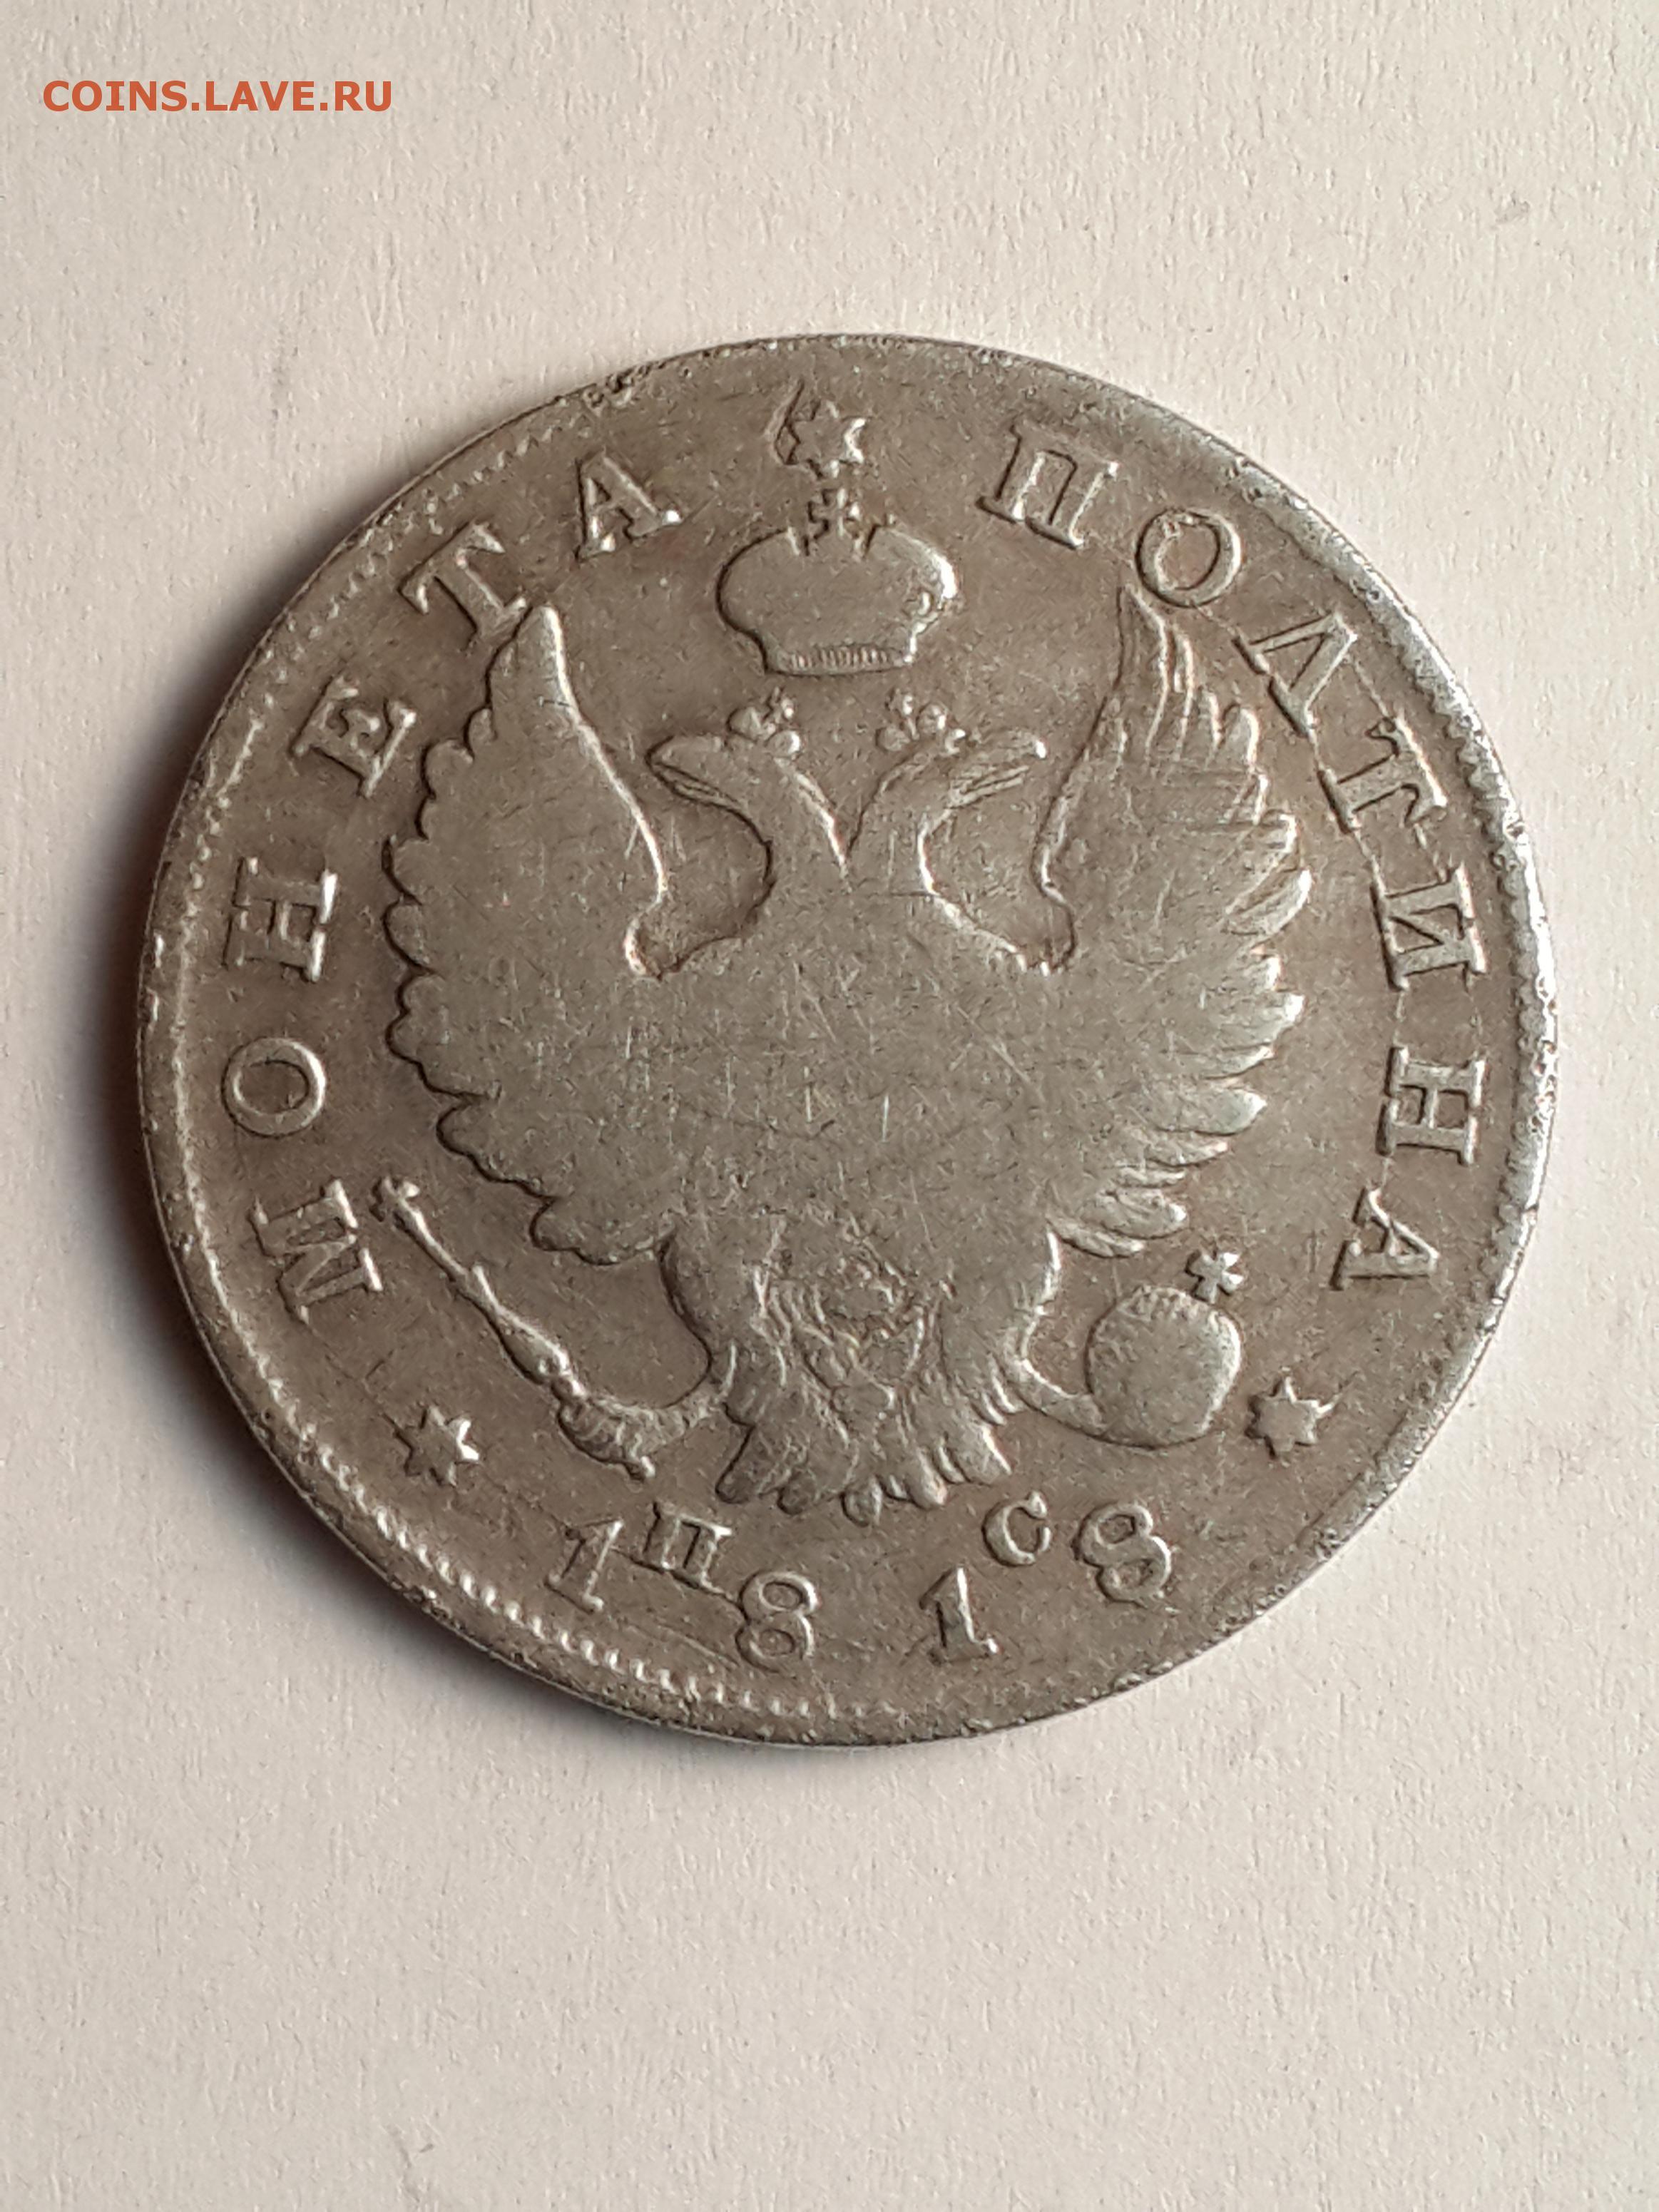 Где оценить монеты в спб альбом для хранение монет я